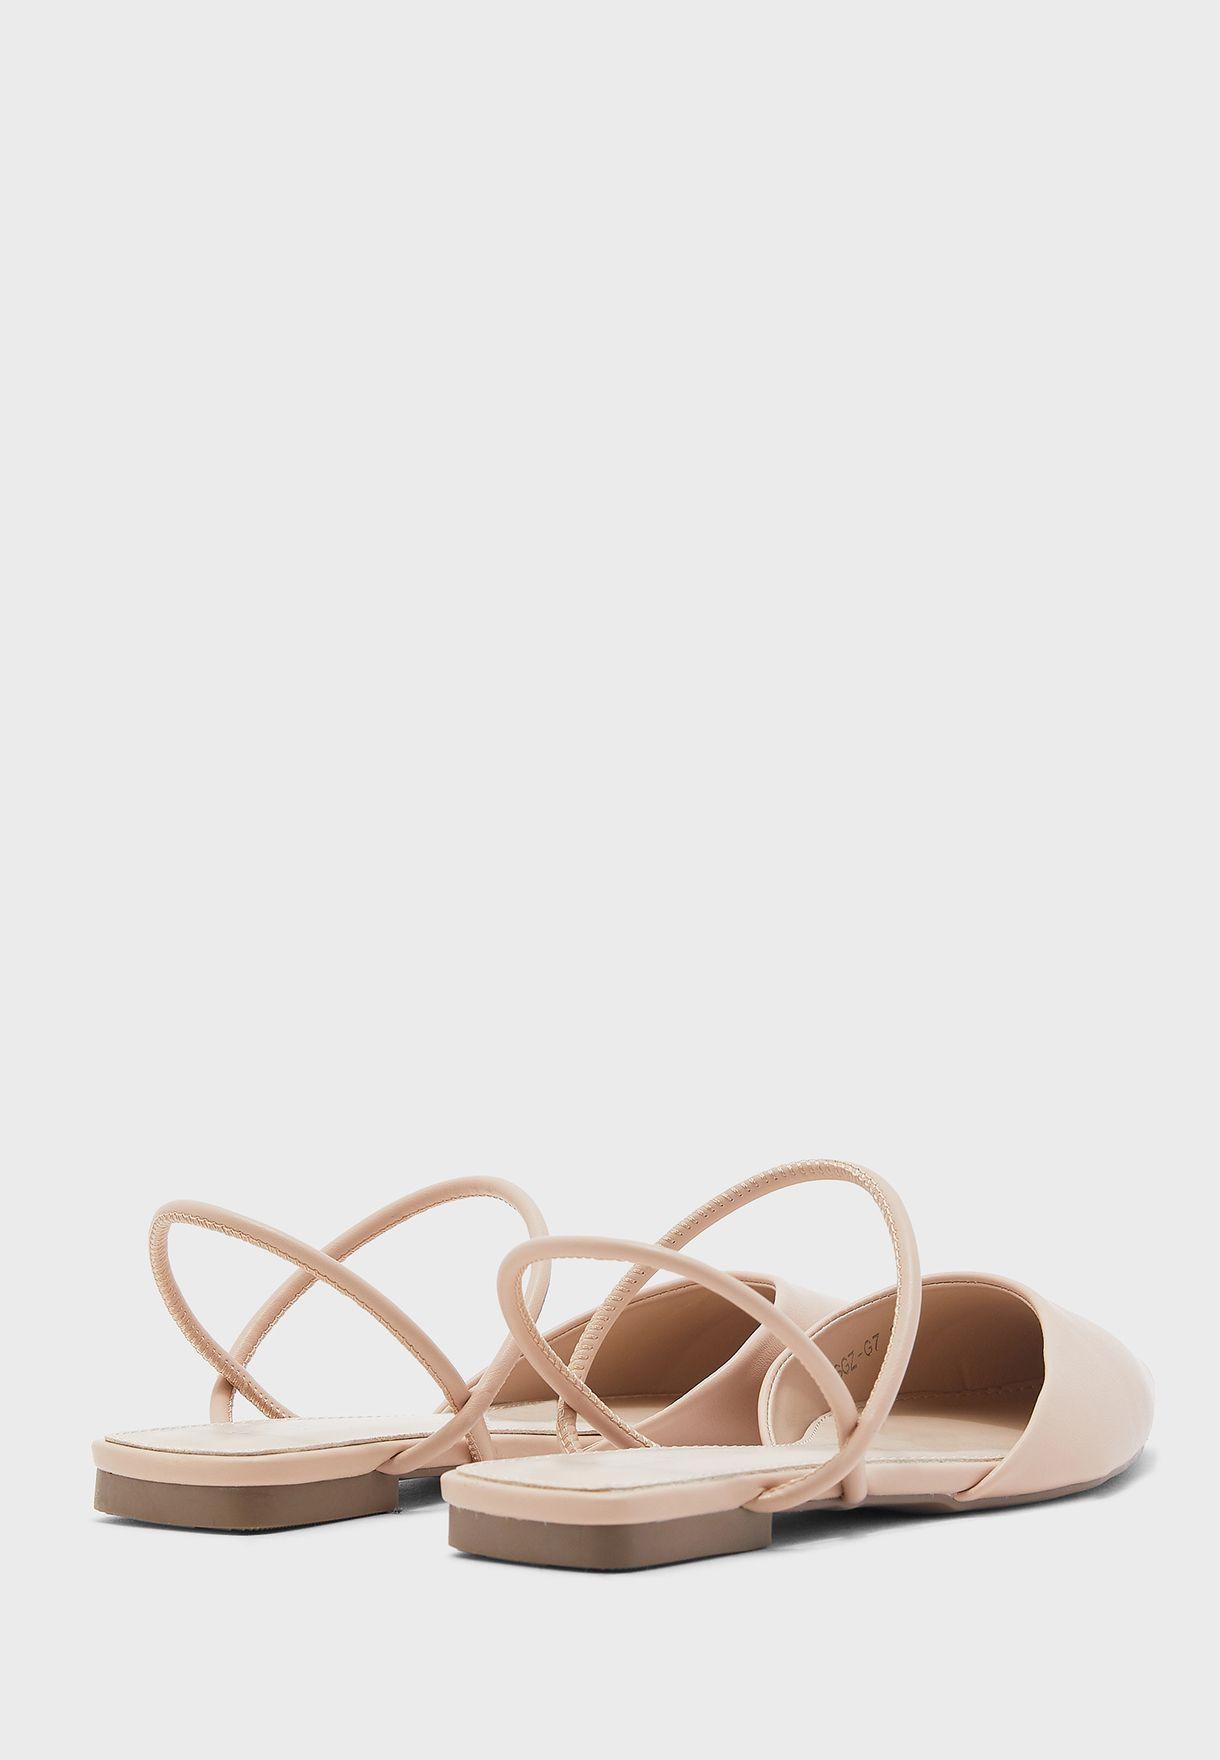 حذاء بمقدمة مدببة